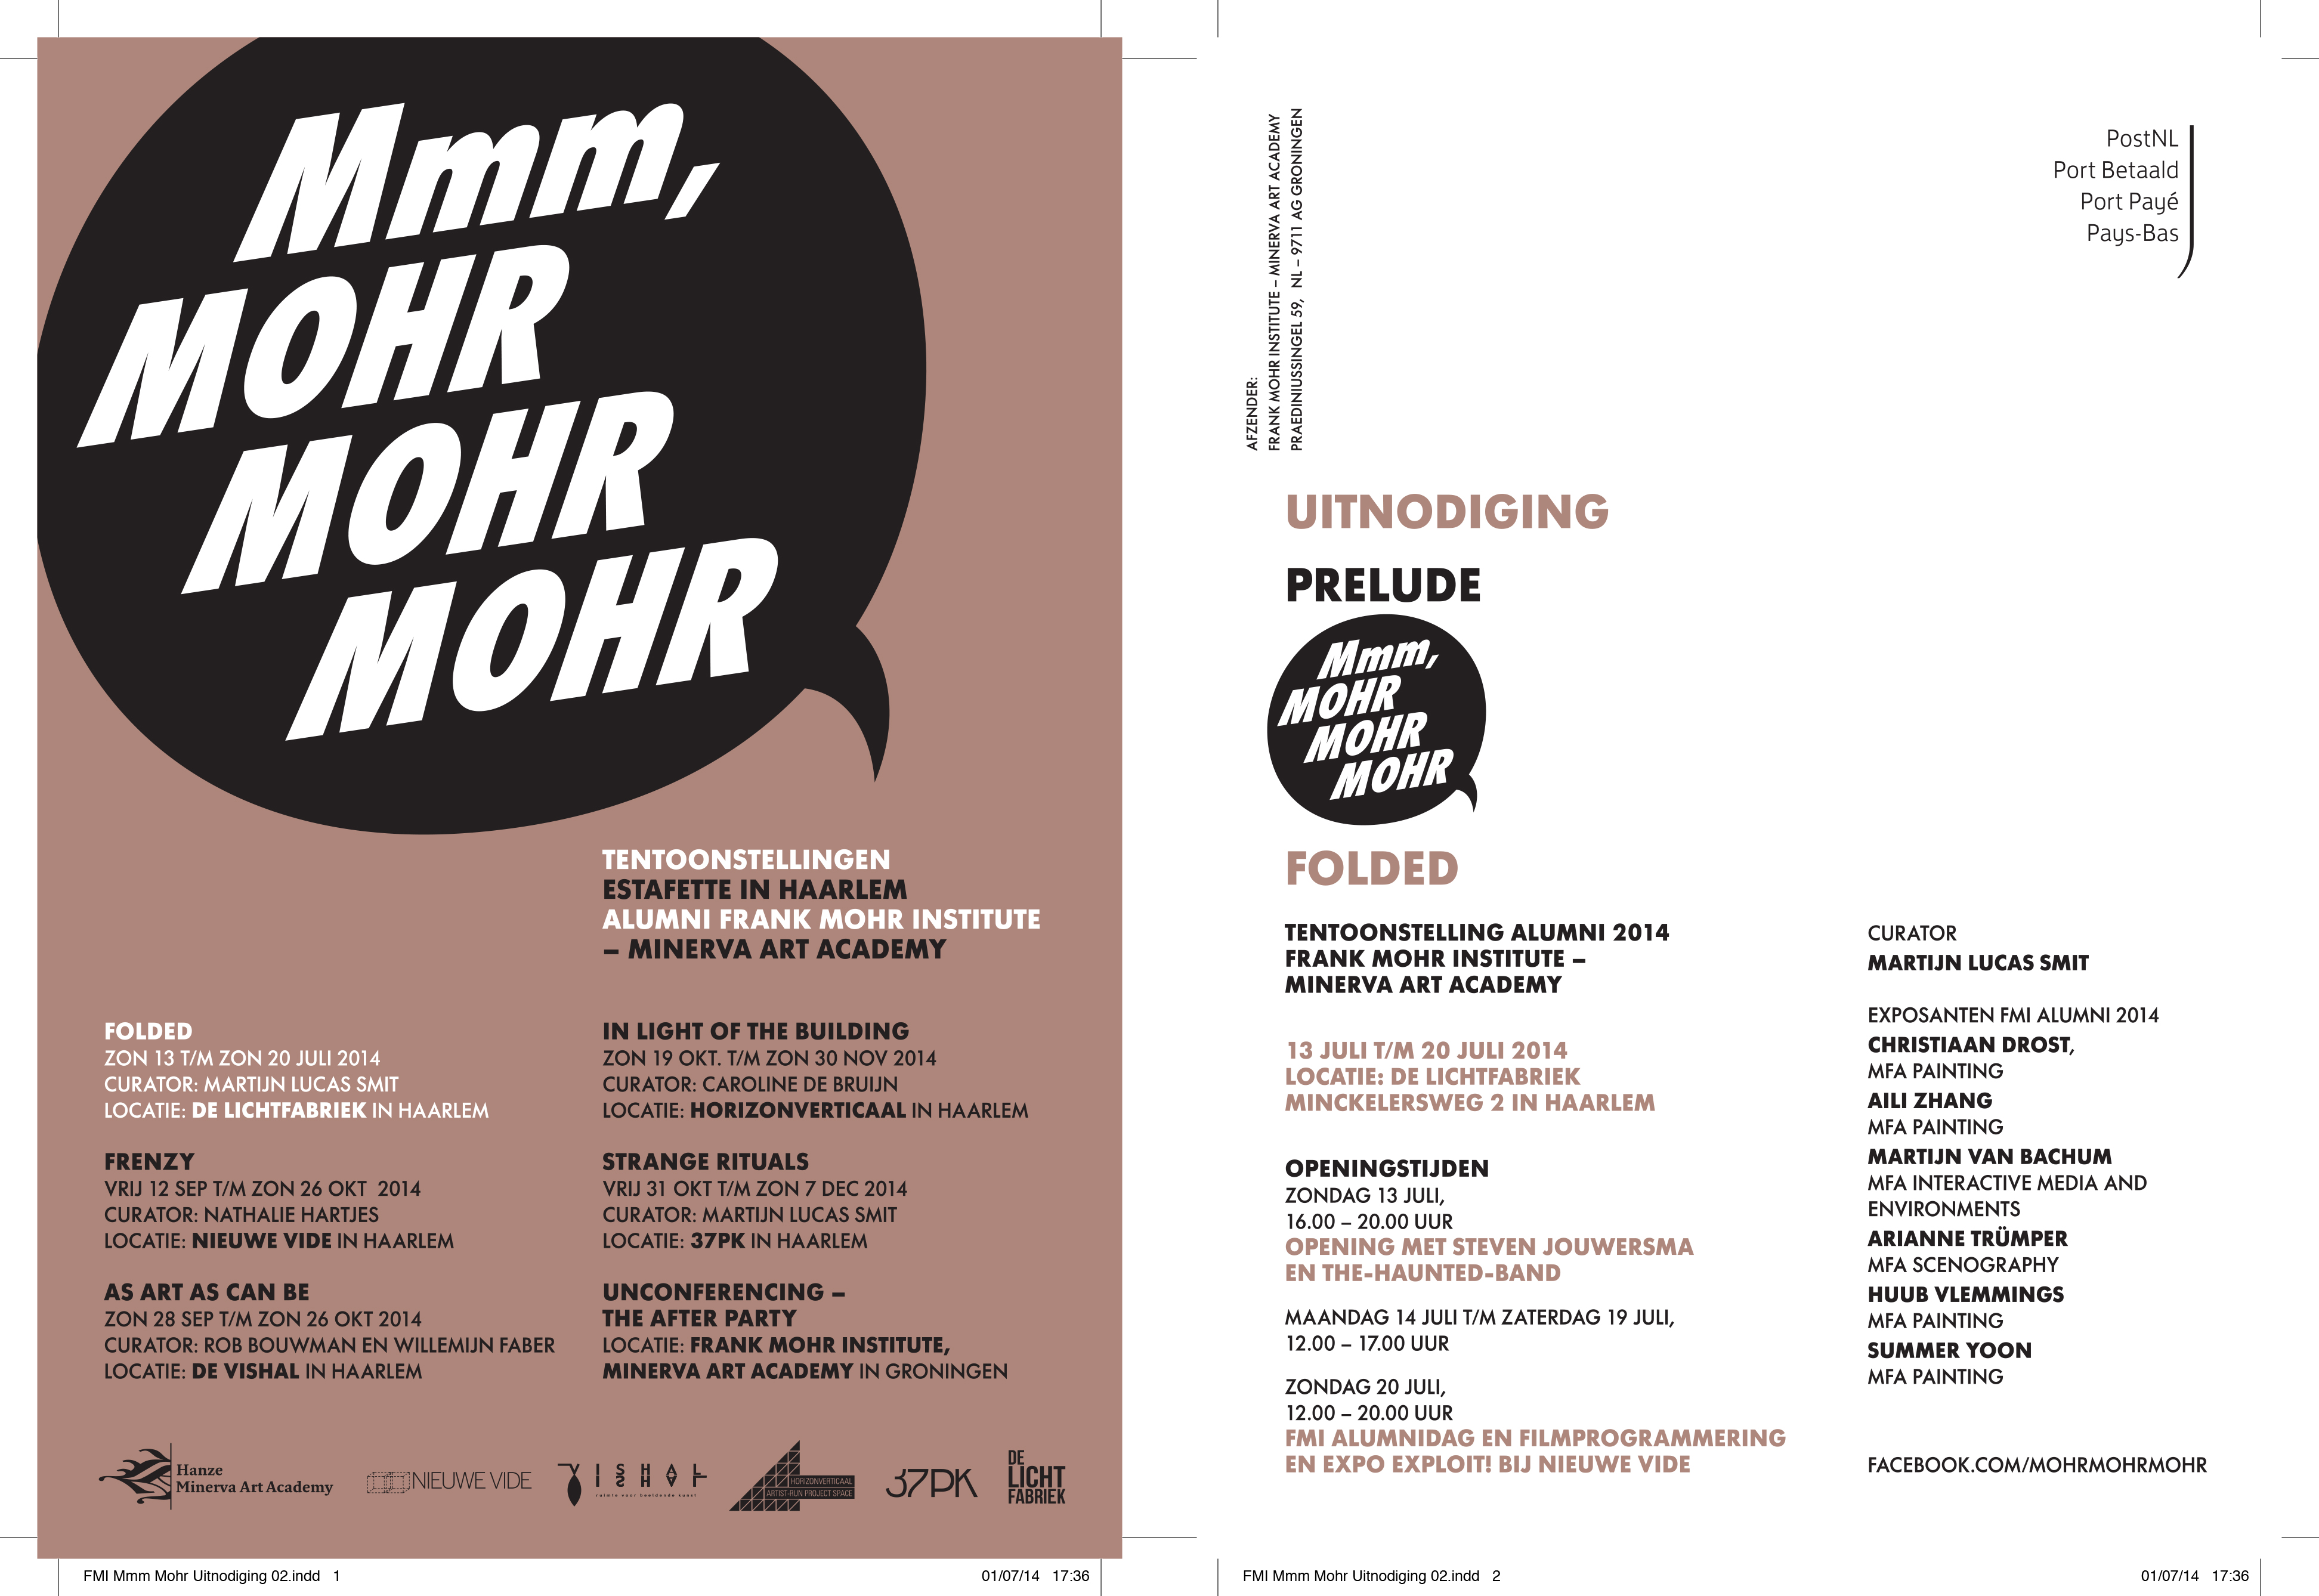 FMI Mmm Mohr Uitnodiging 02.indd